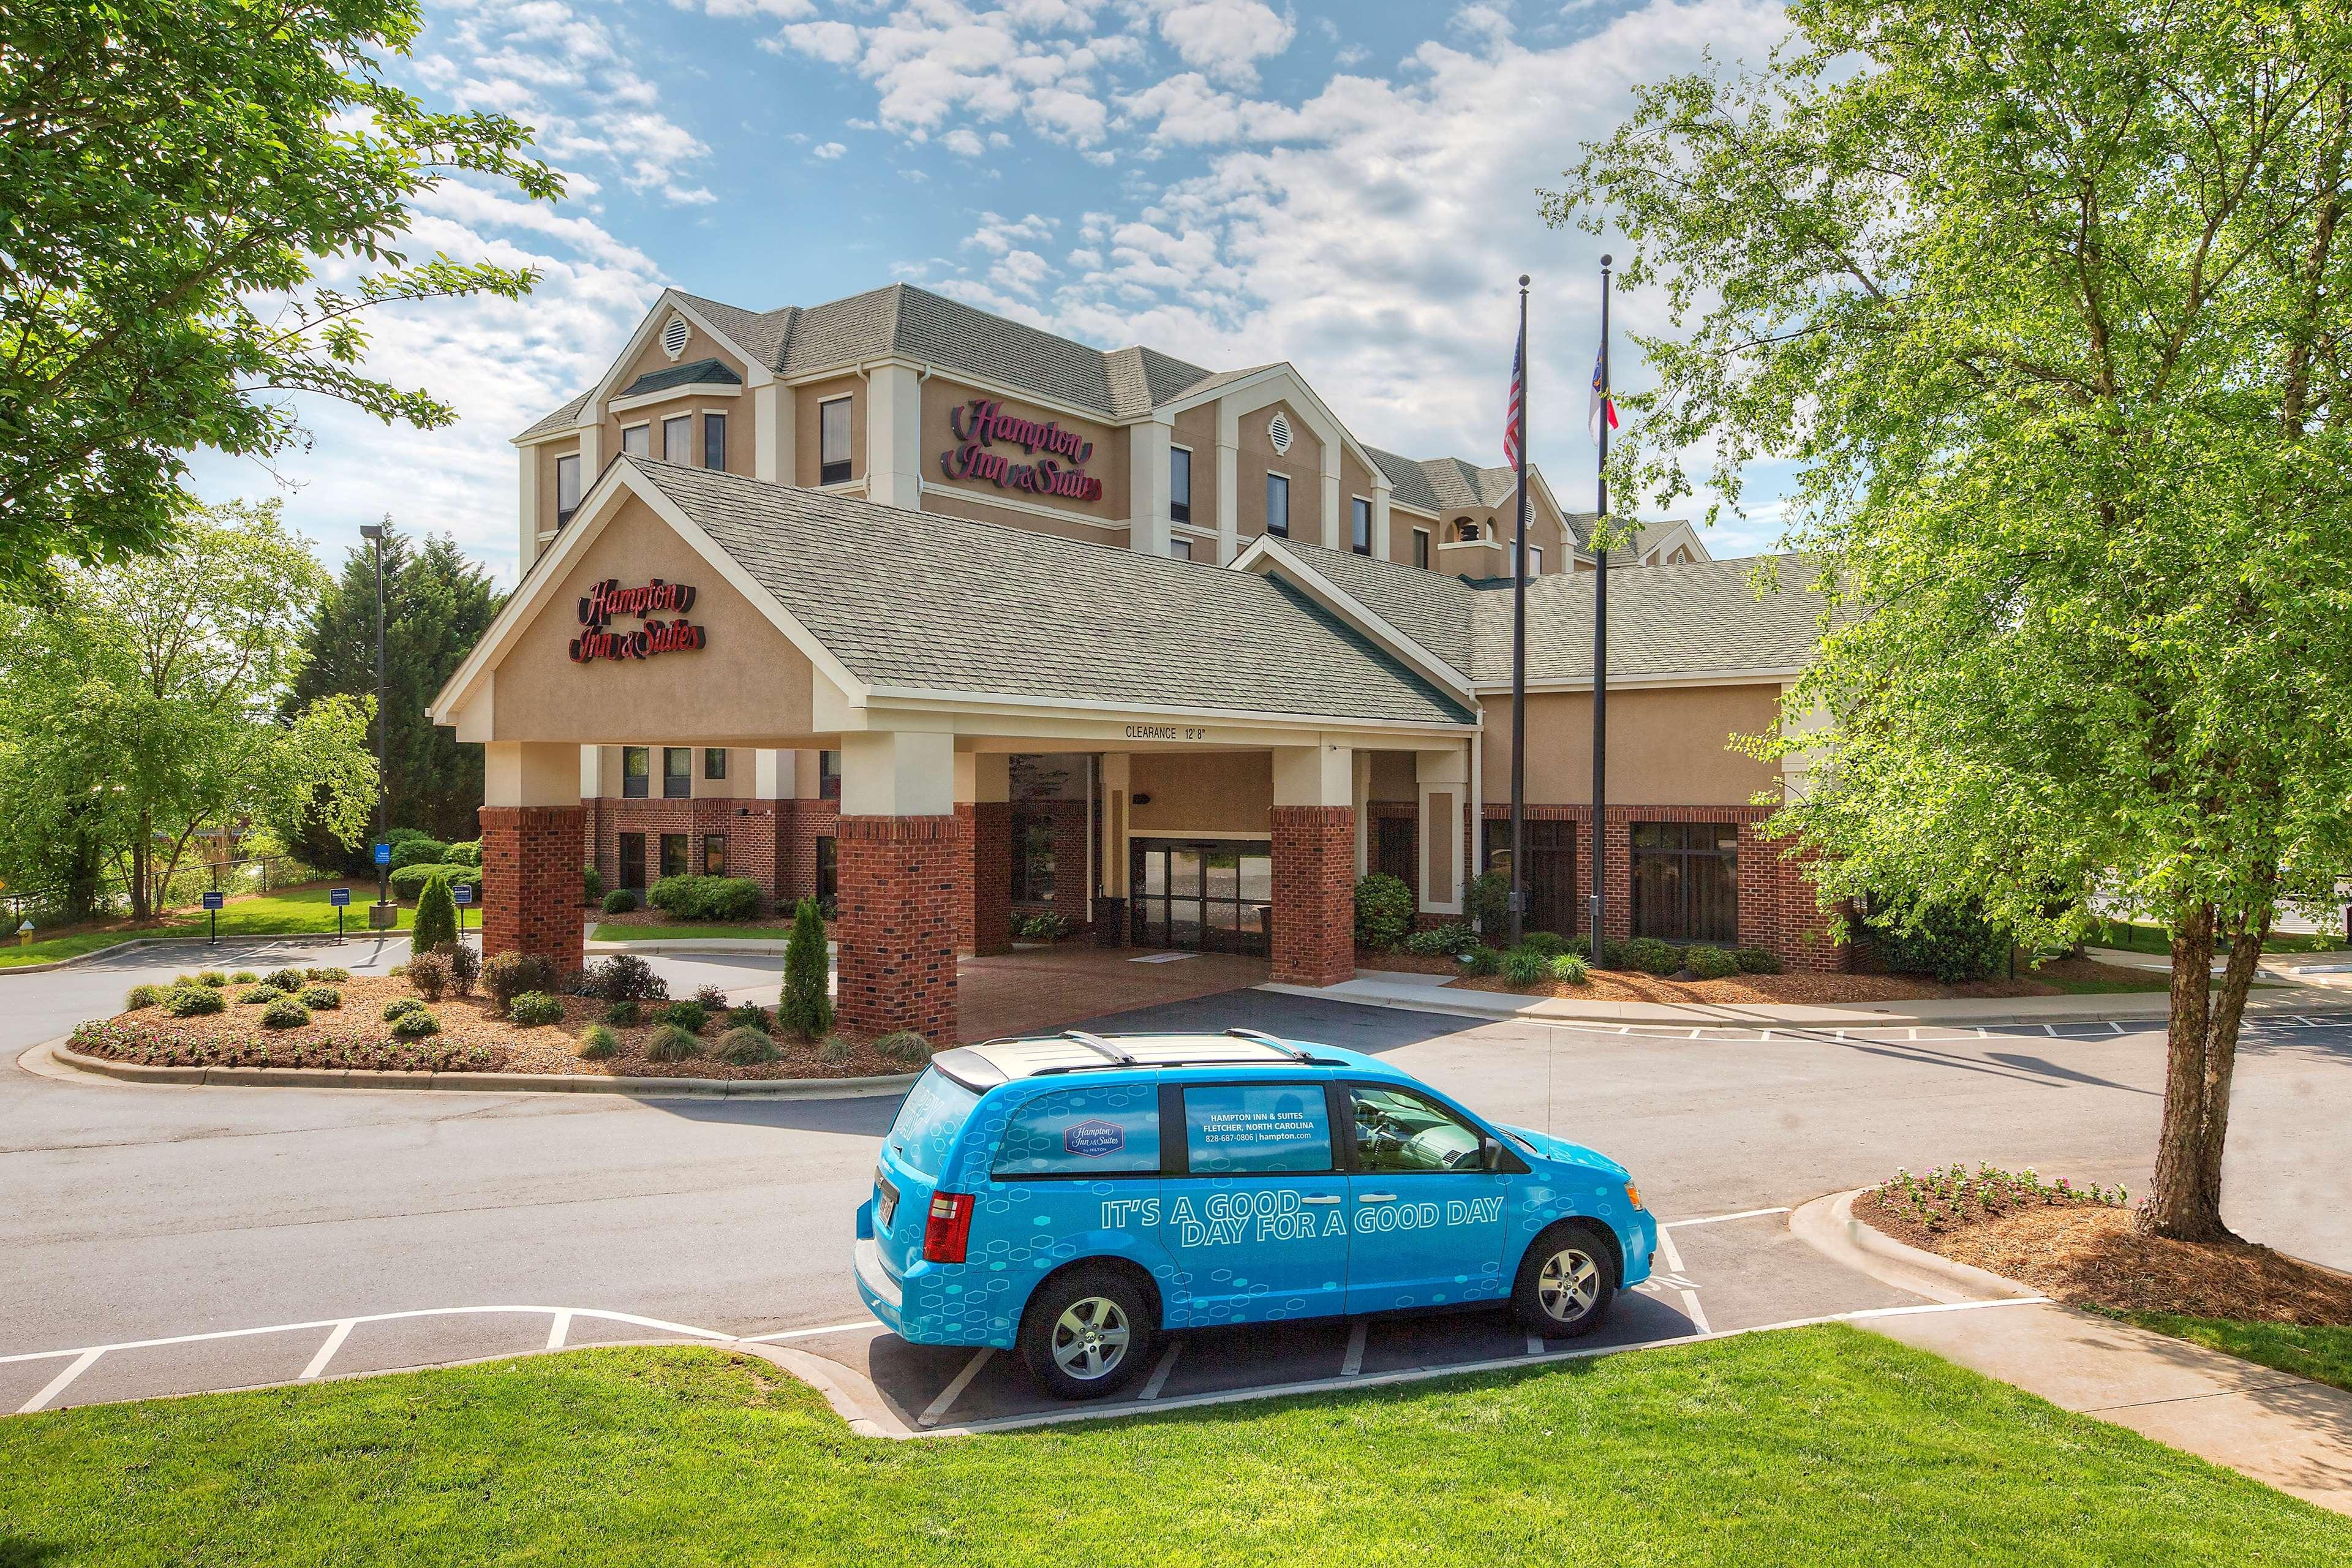 Hampton Inn & Suites Asheville-I-26 image 0